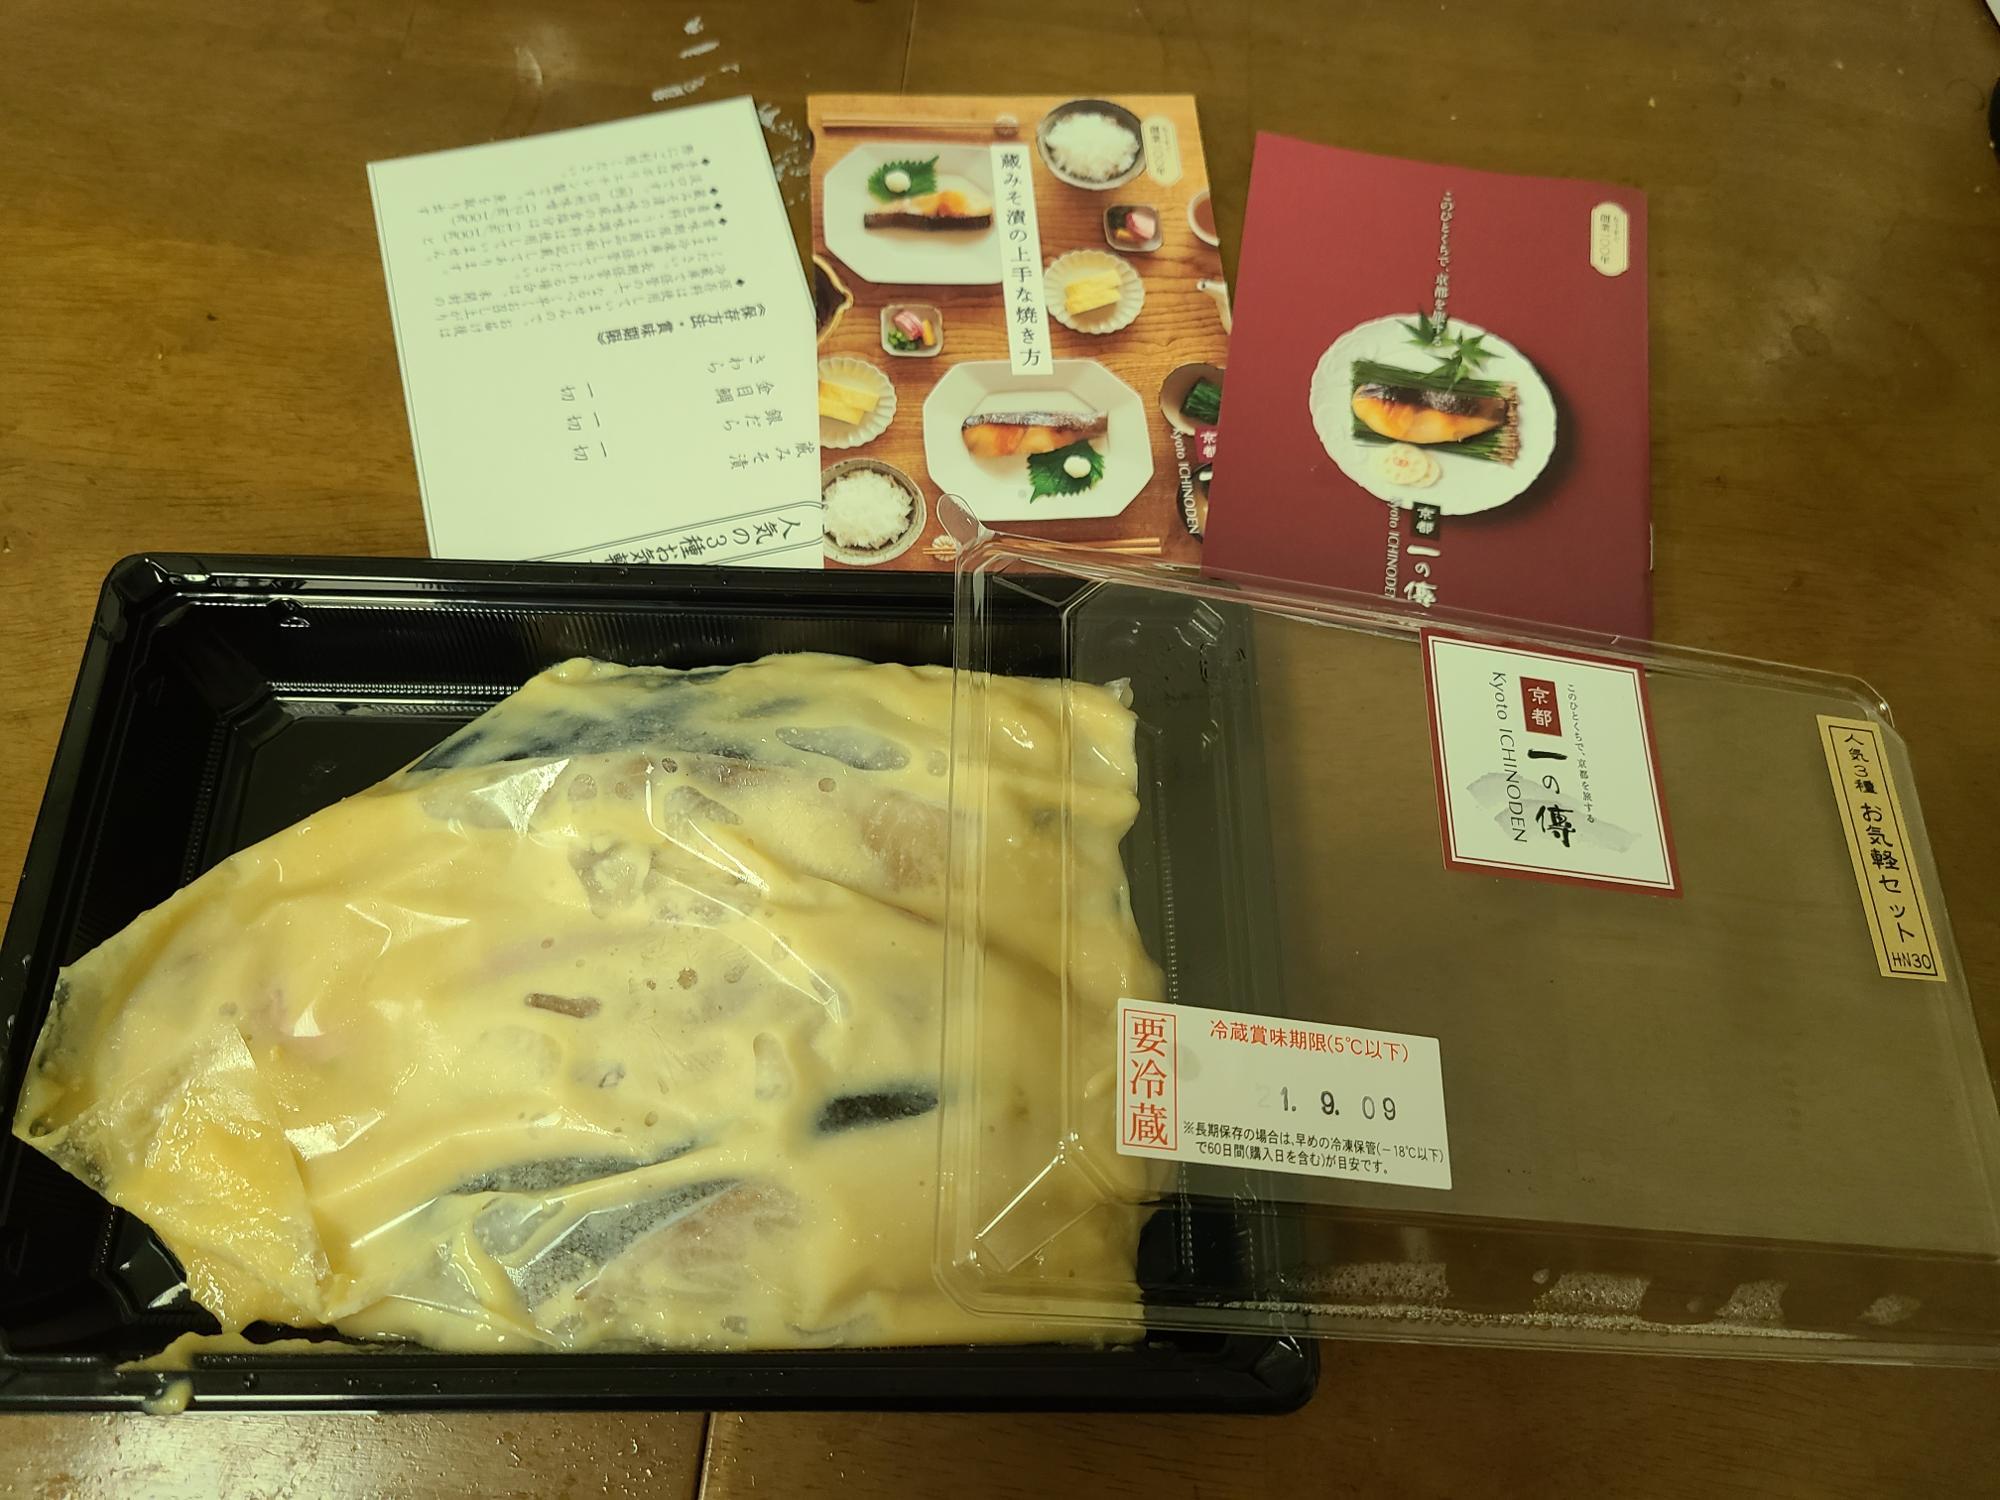 西京漬の美味しい焼き方を記載した「焼き方のしおり」